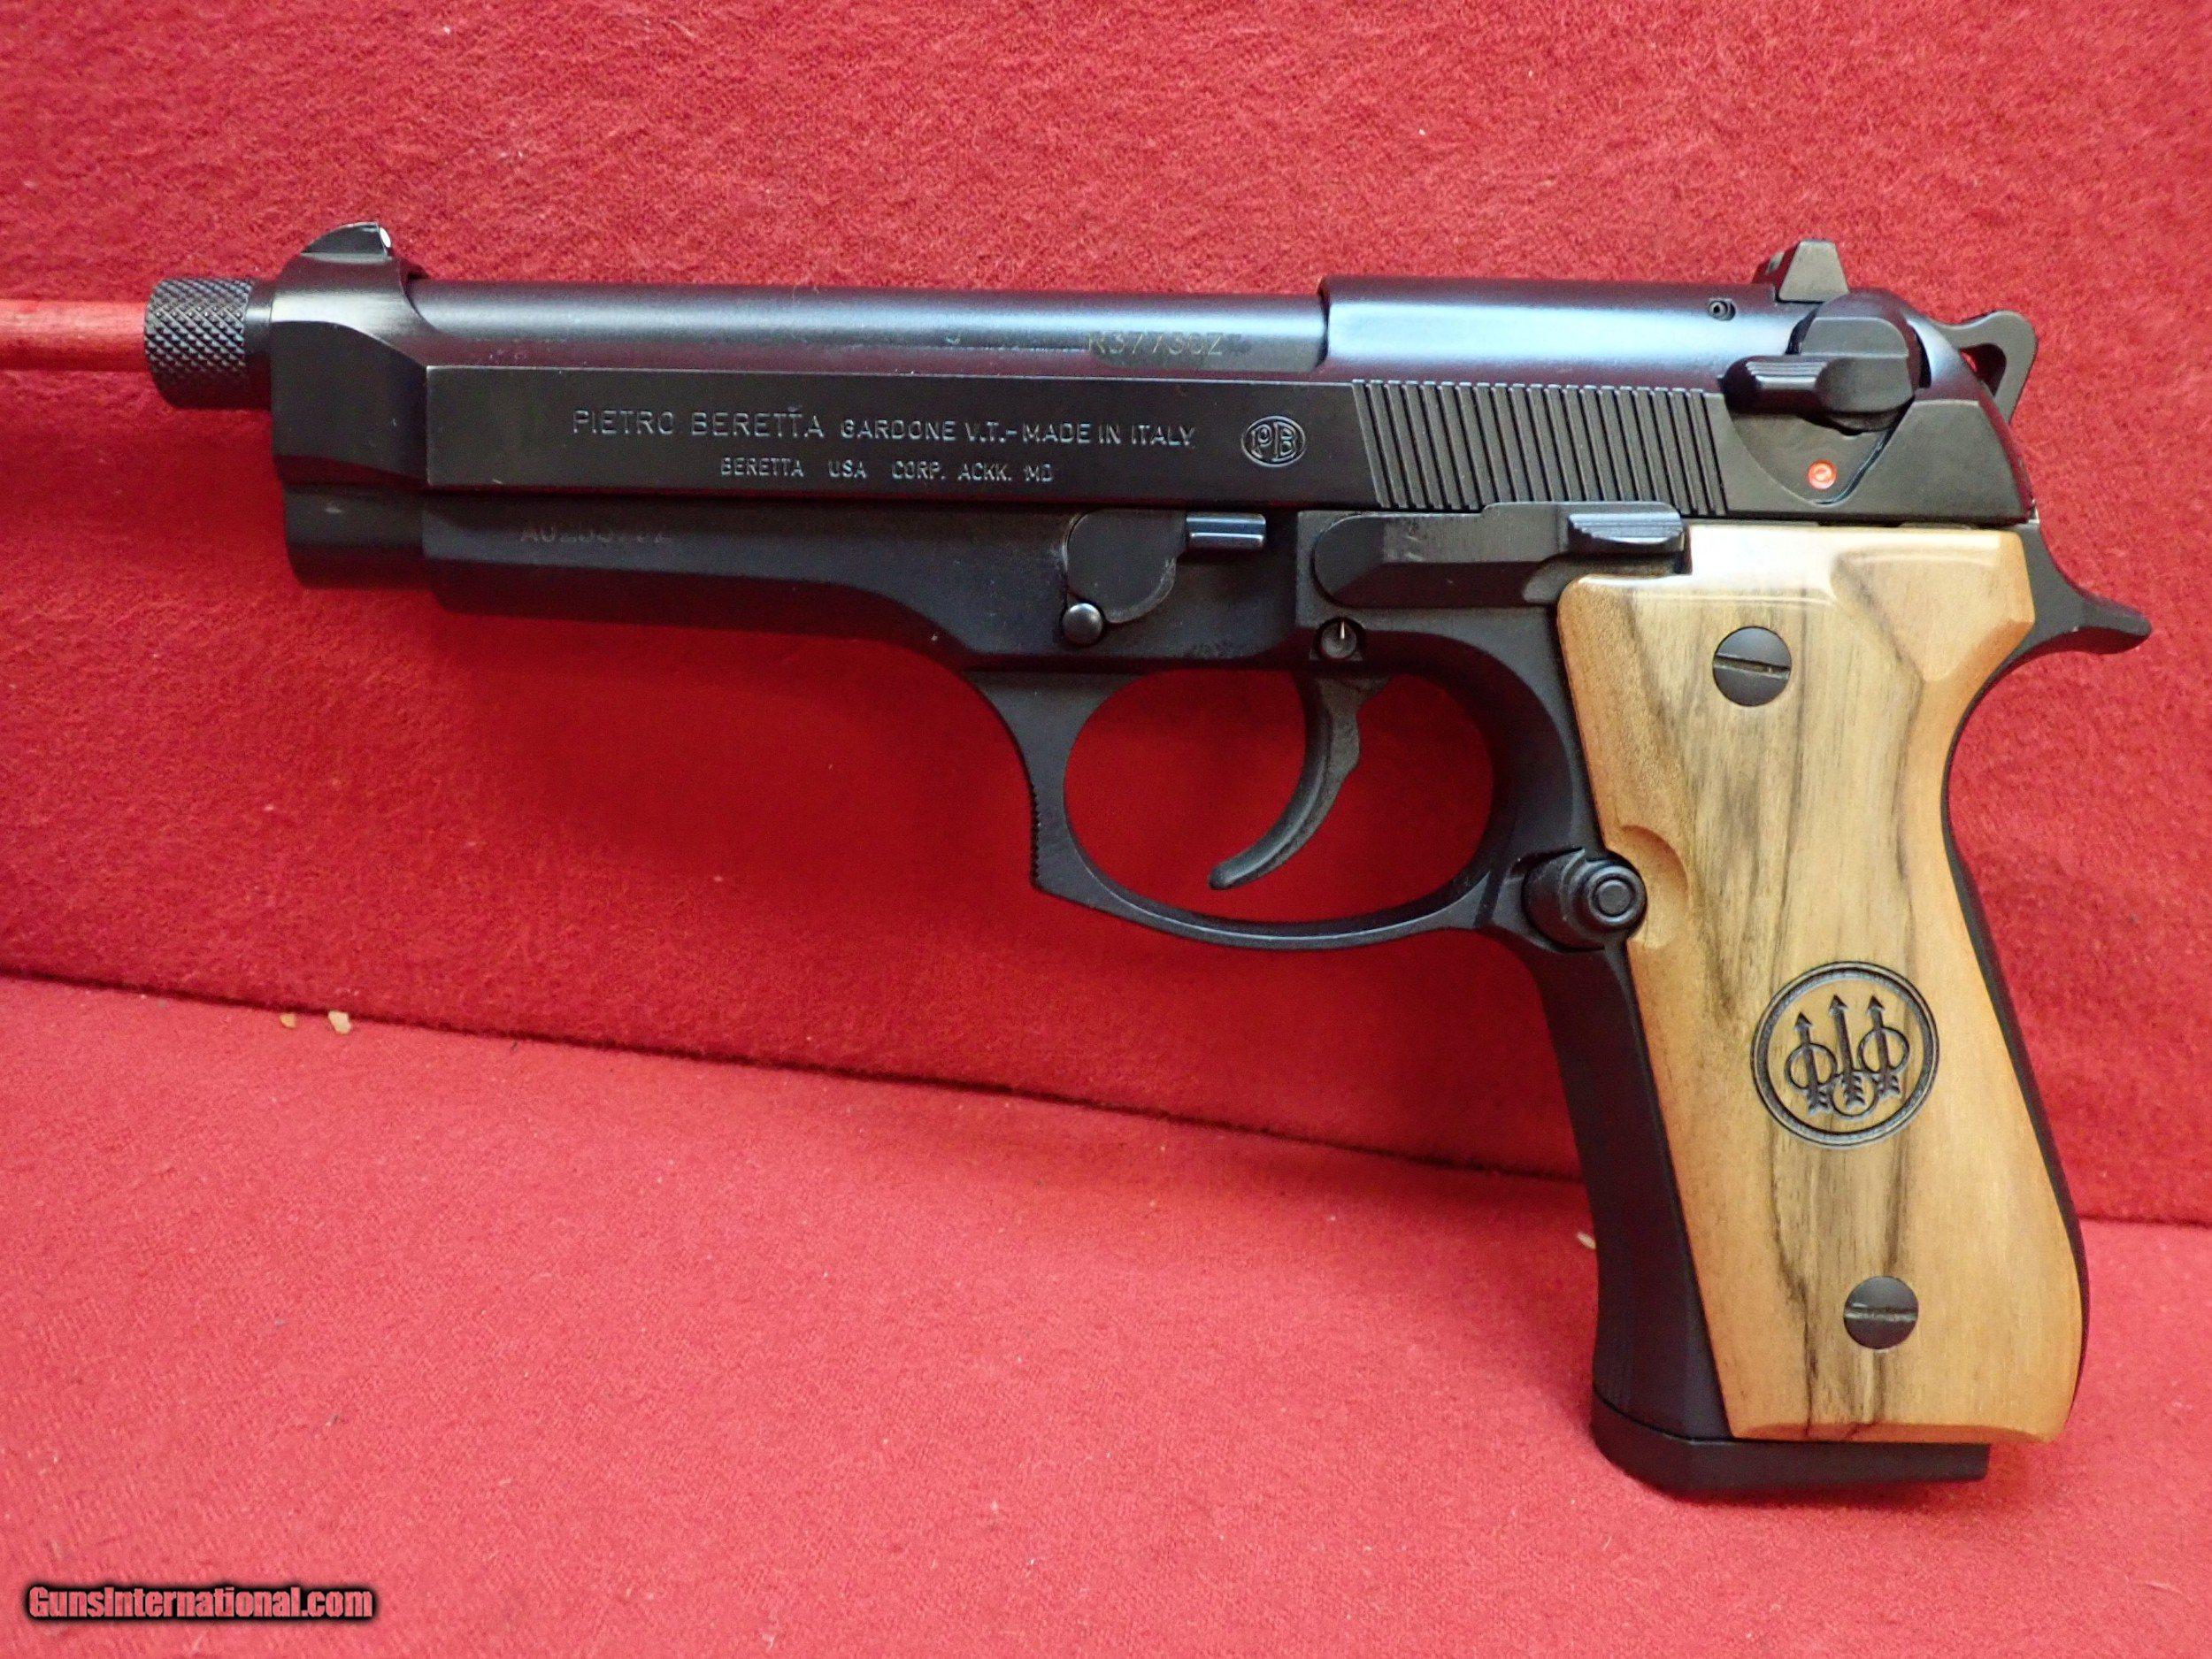 Beretta 92 barrel assembly